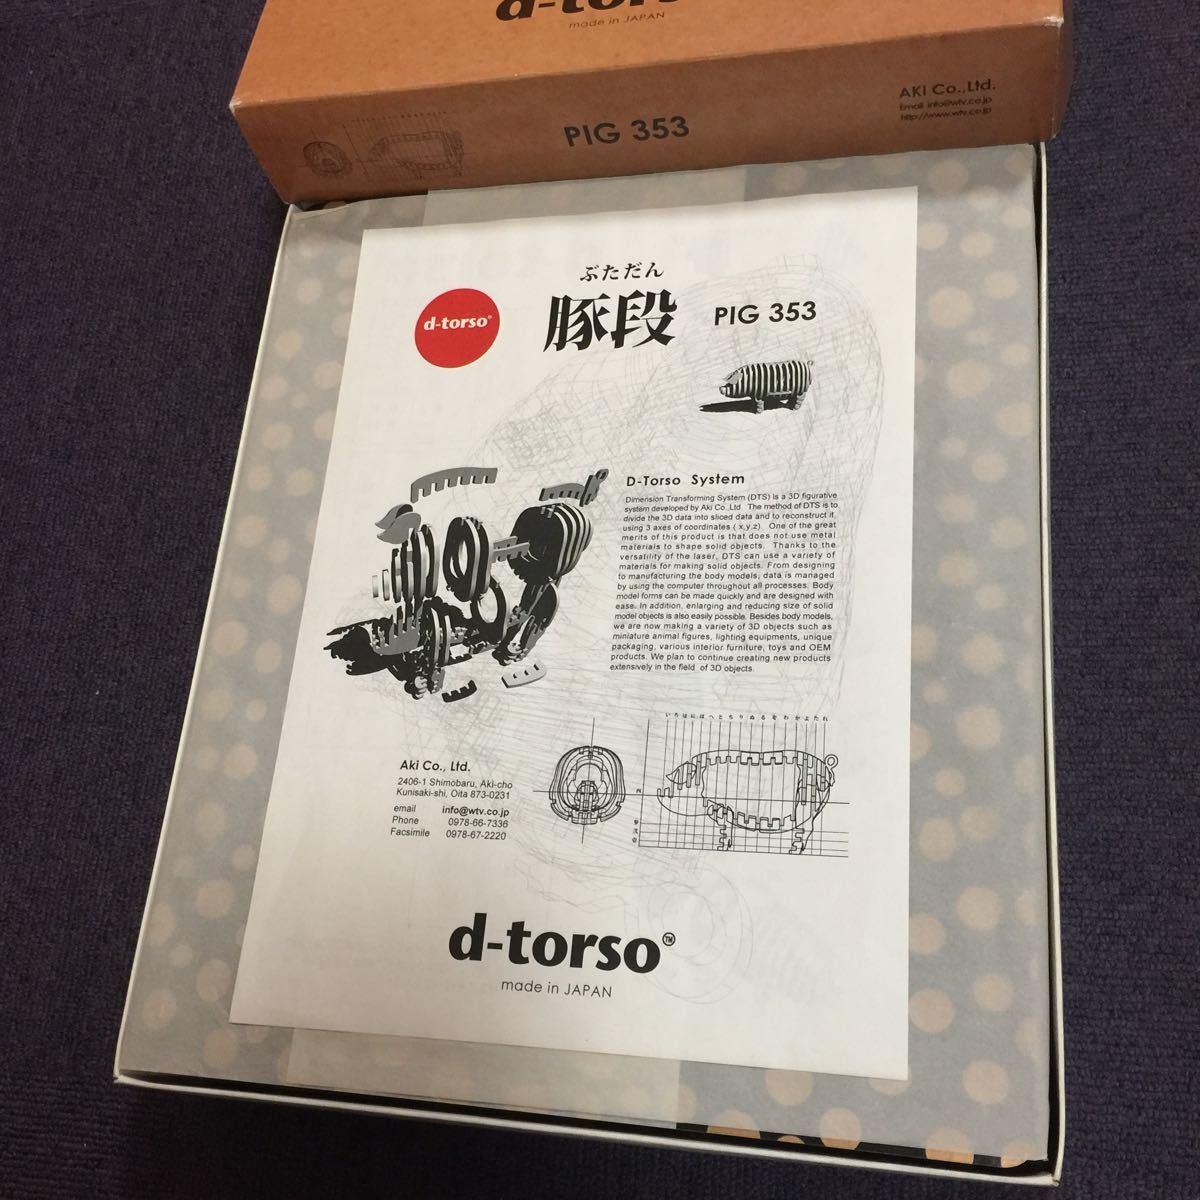 d-torso(ディー・トルソー)「豚段」PIG353 段ボール素材ペーパークラフト 未組立長期保管品 日本製 アキ工作社 希少終売品 黒 レーザー加工_画像2